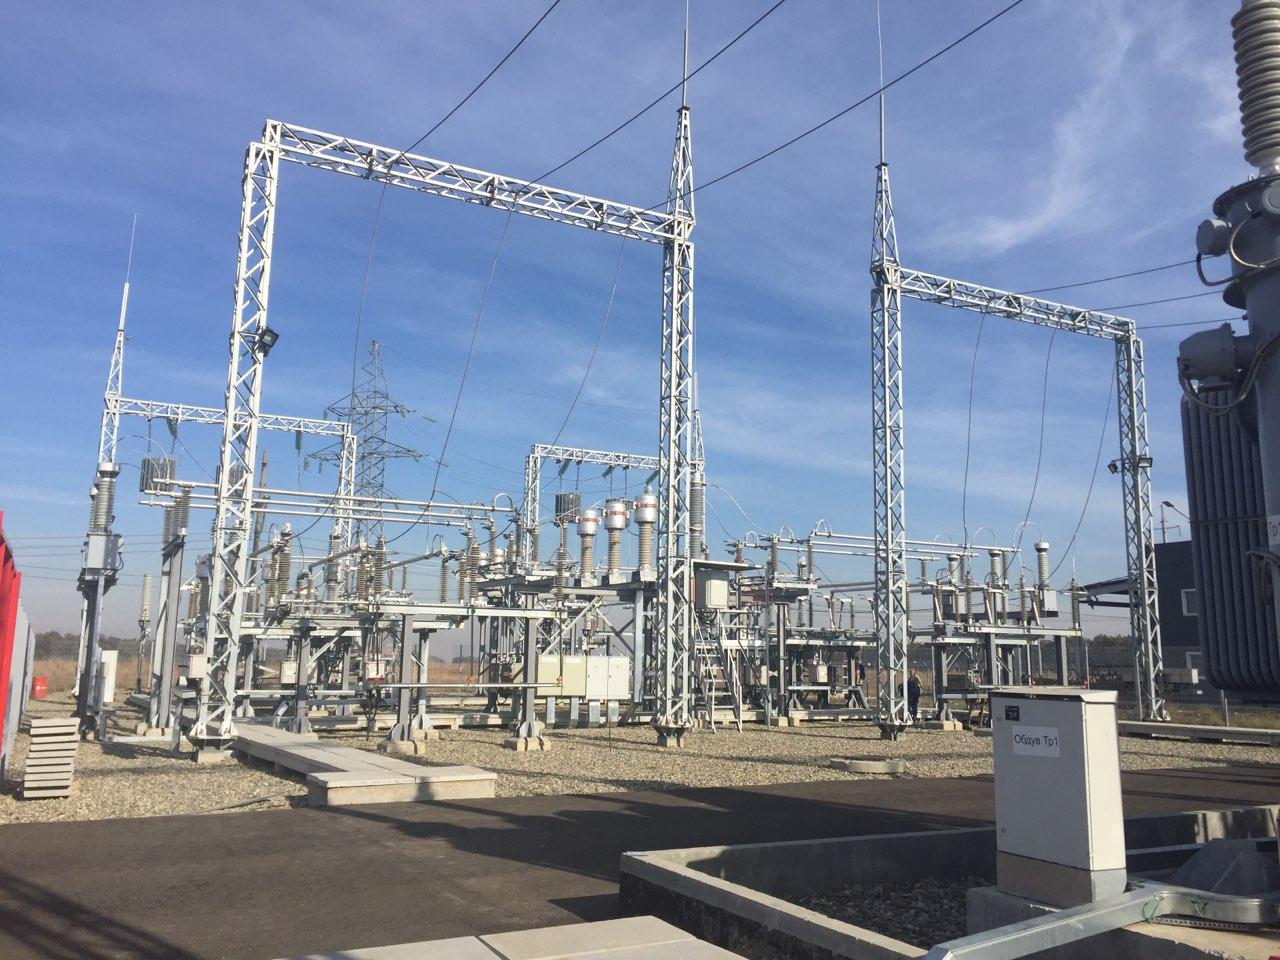 Ветер, саранча и дедлайн: как мы строили электроподстанцию - 2